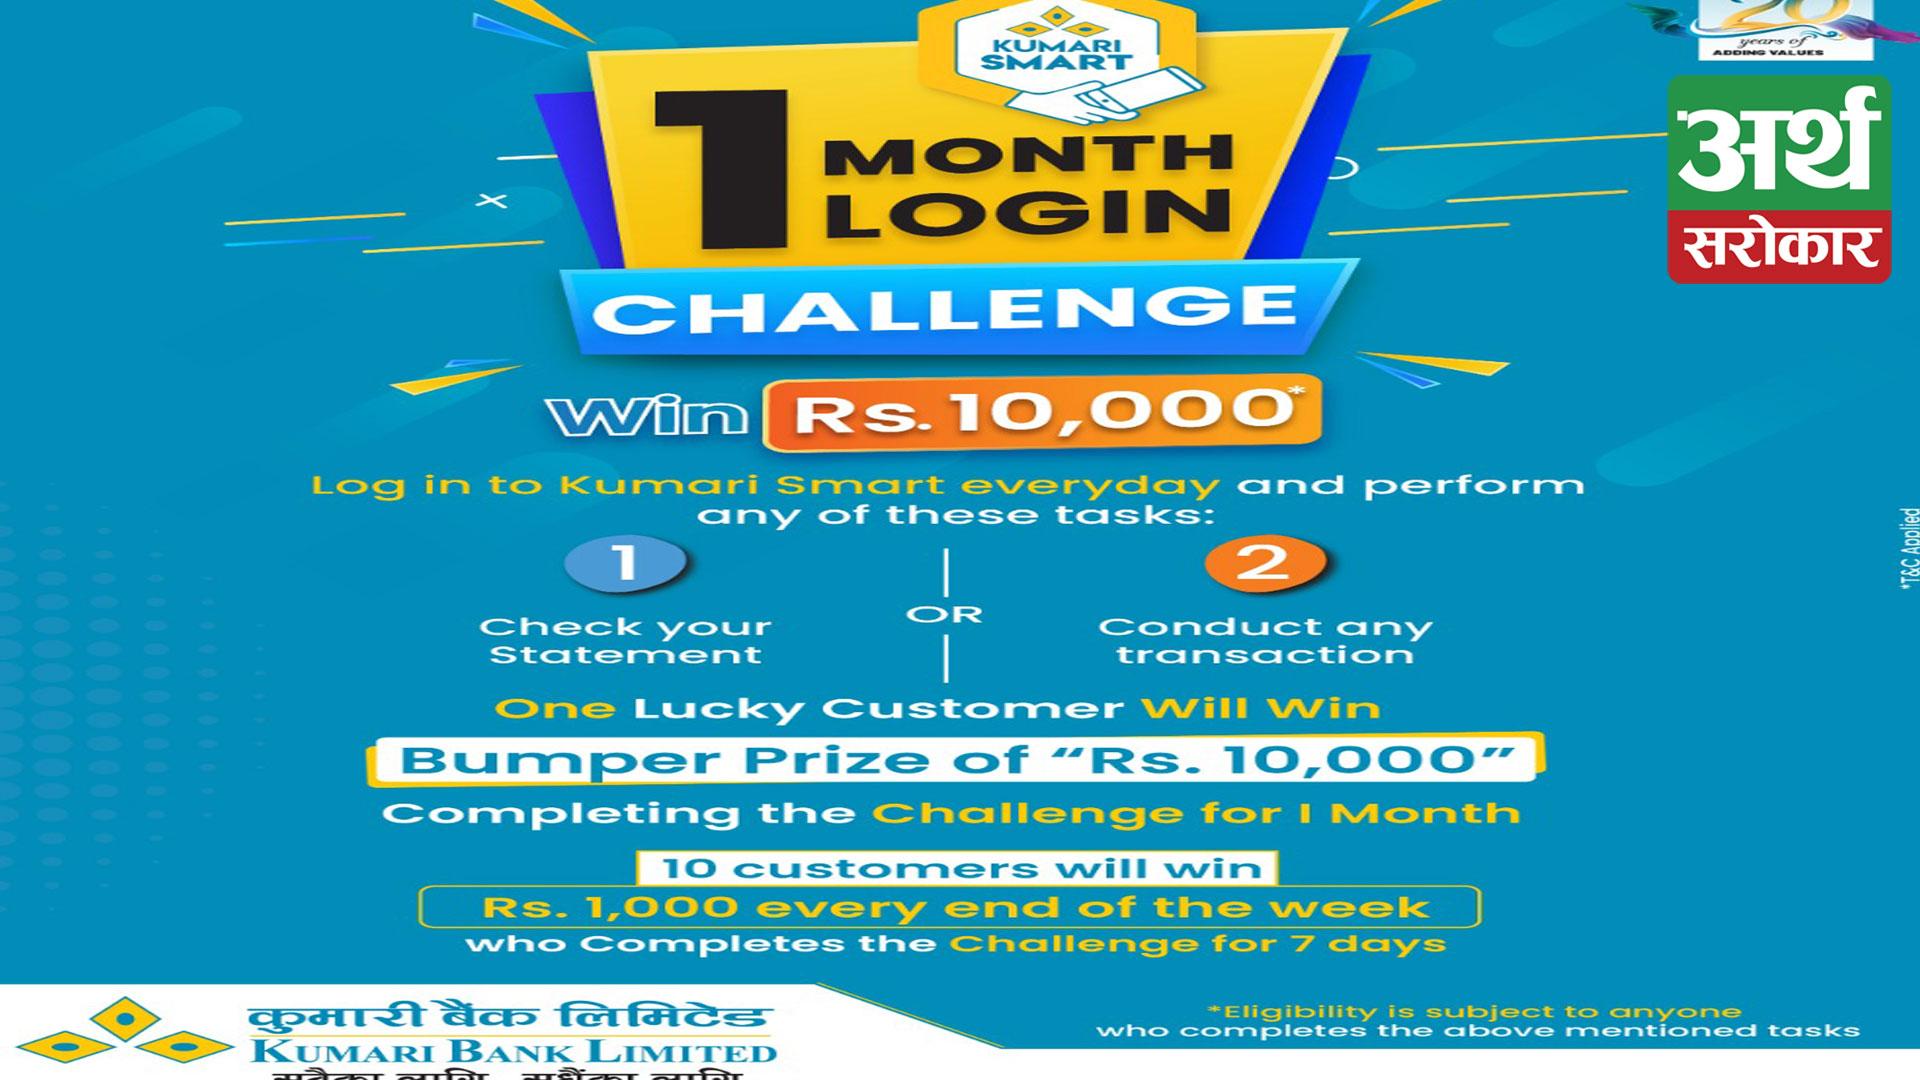 Kumari Bank launches Kumari Smart 1-month login challenge